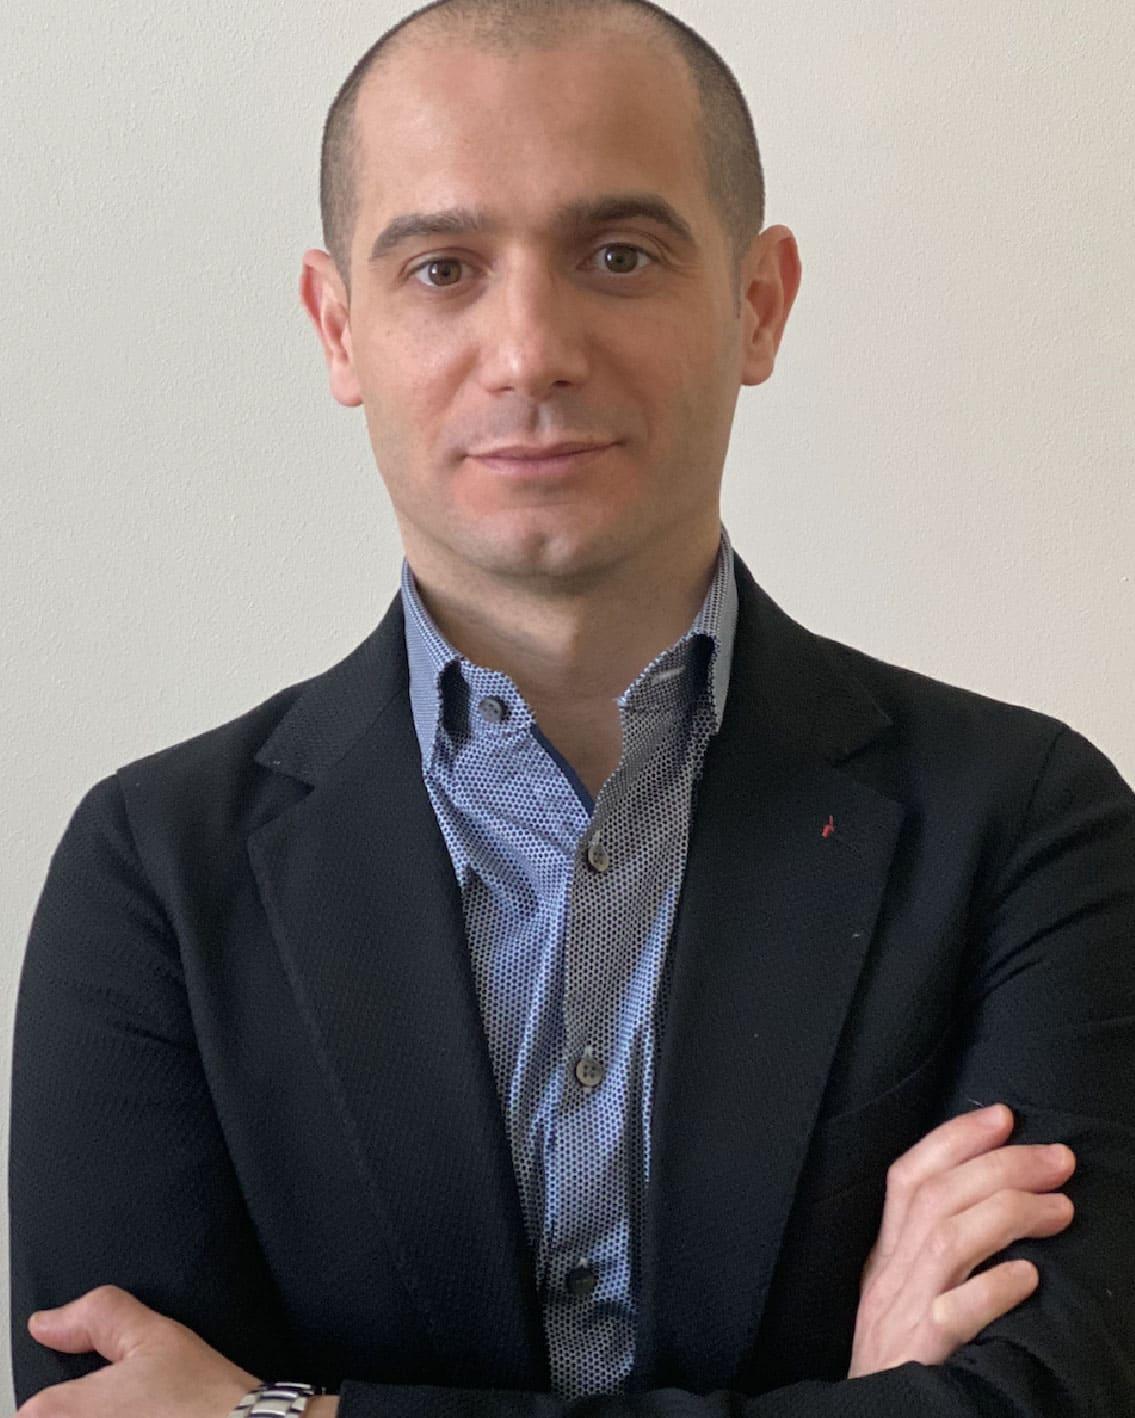 Davide Ariu